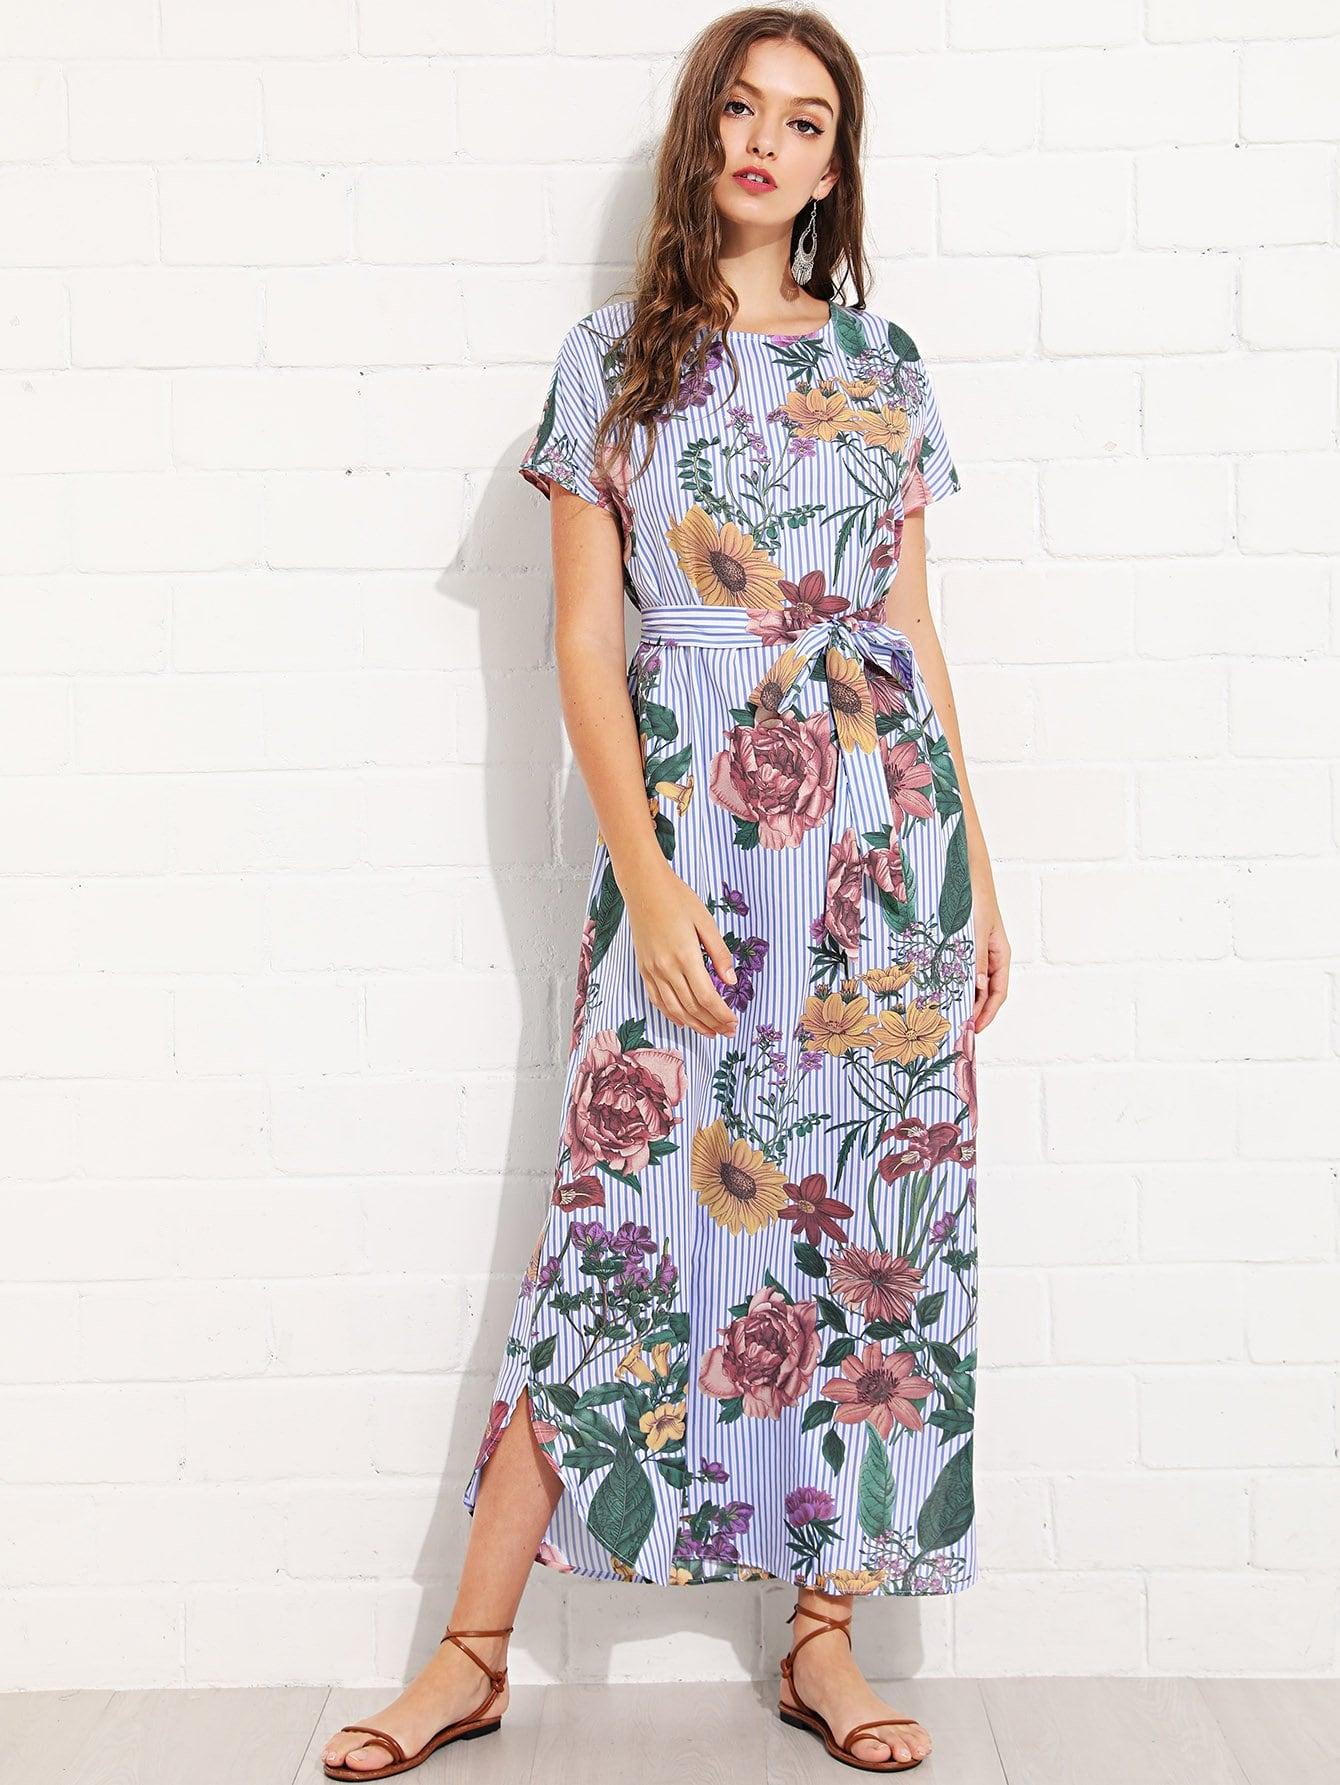 Flower and Striped Curved Hem Dress batwing sleeve pocket side curved hem textured dress